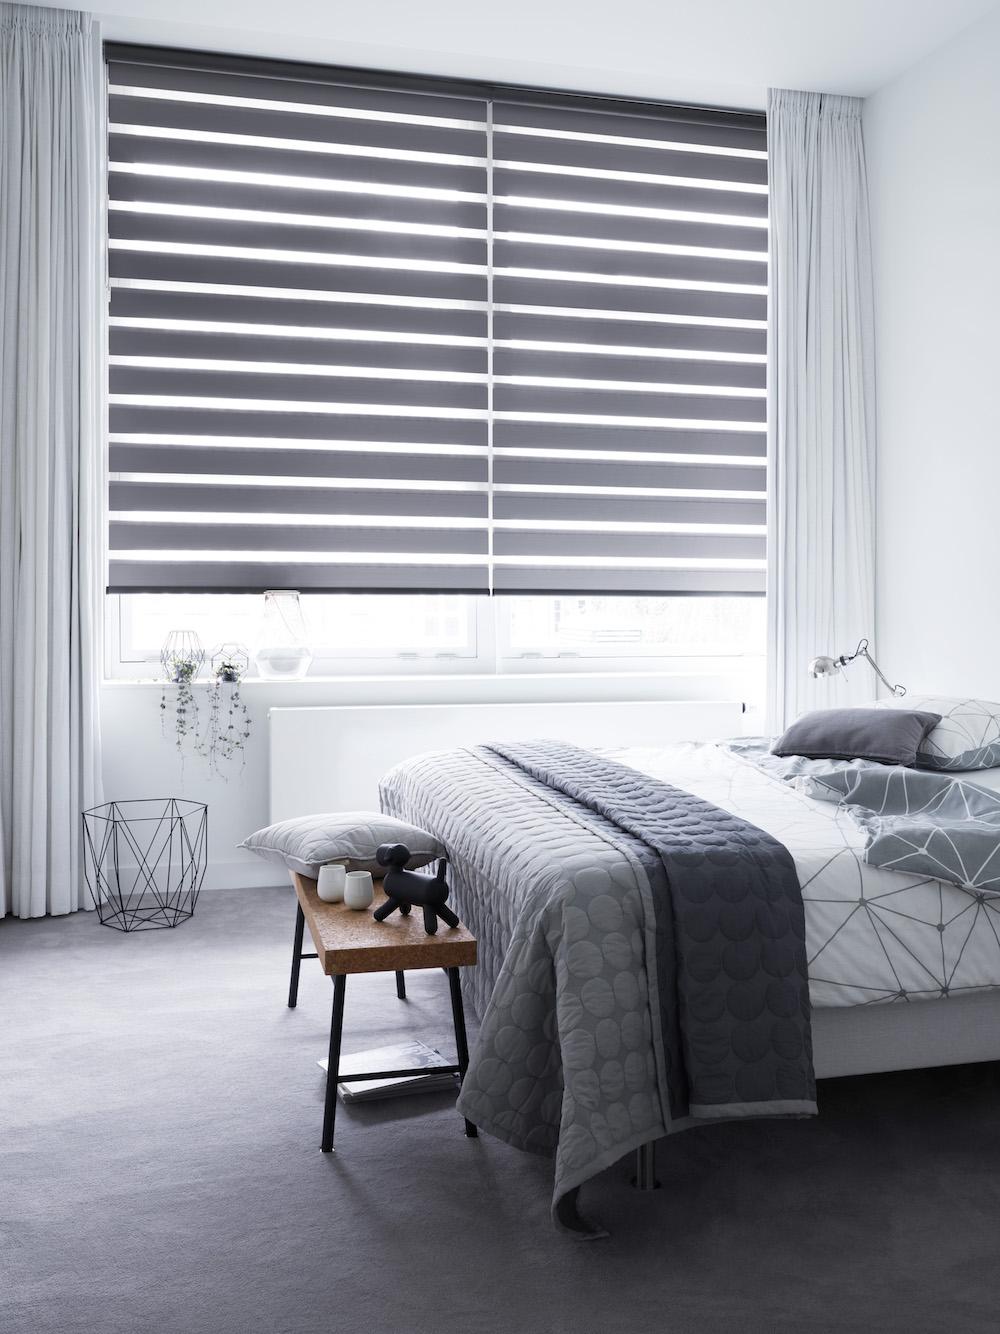 Verduisterende raamdecoratie voor een goede nachtrust